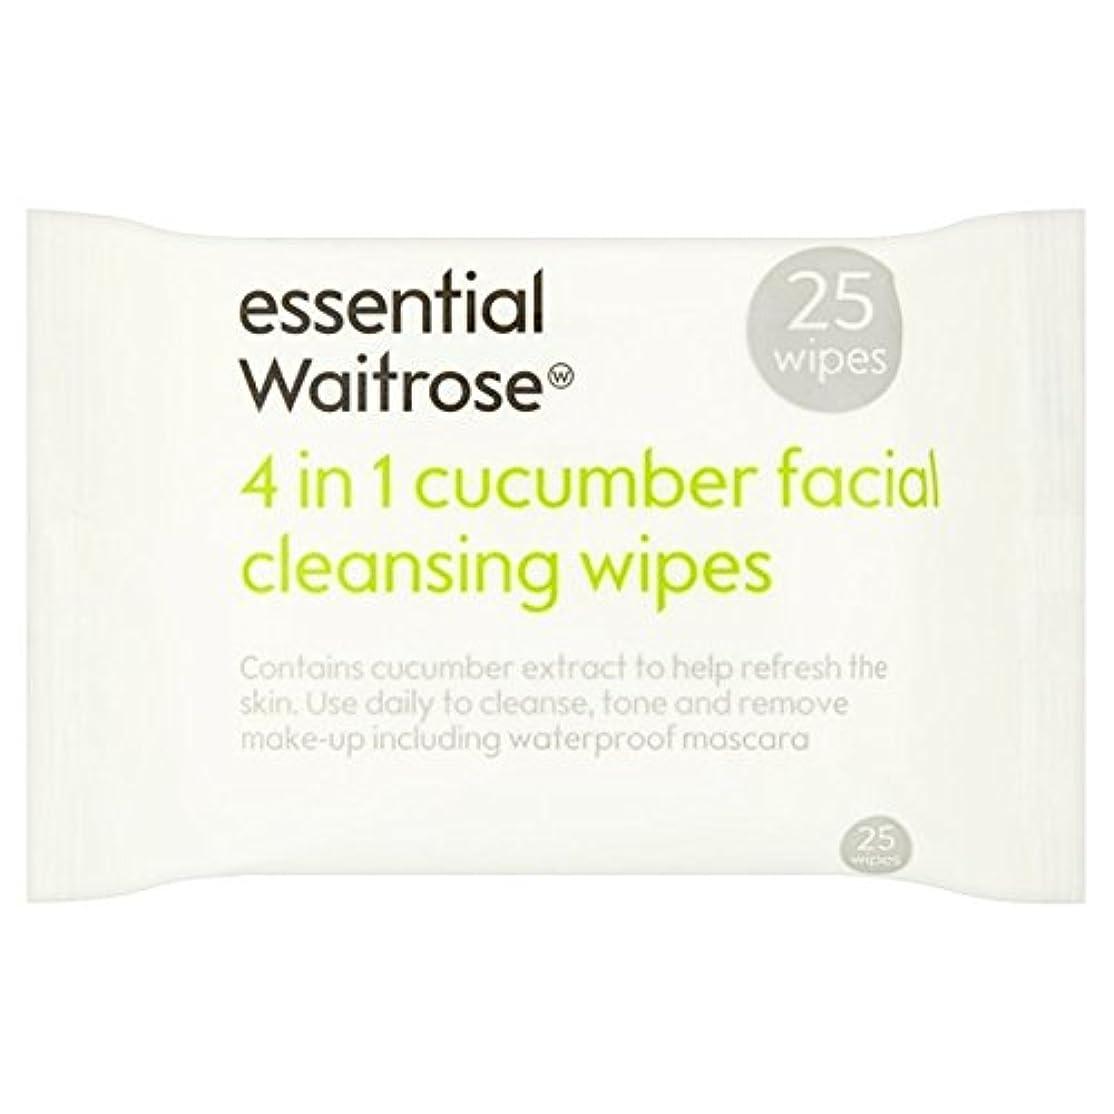 歪める出演者音楽家キュウリ顔のワイプパックあたり不可欠ウェイトローズ25 x2 - Cucumber Facial Wipes essential Waitrose 25 per pack (Pack of 2) [並行輸入品]